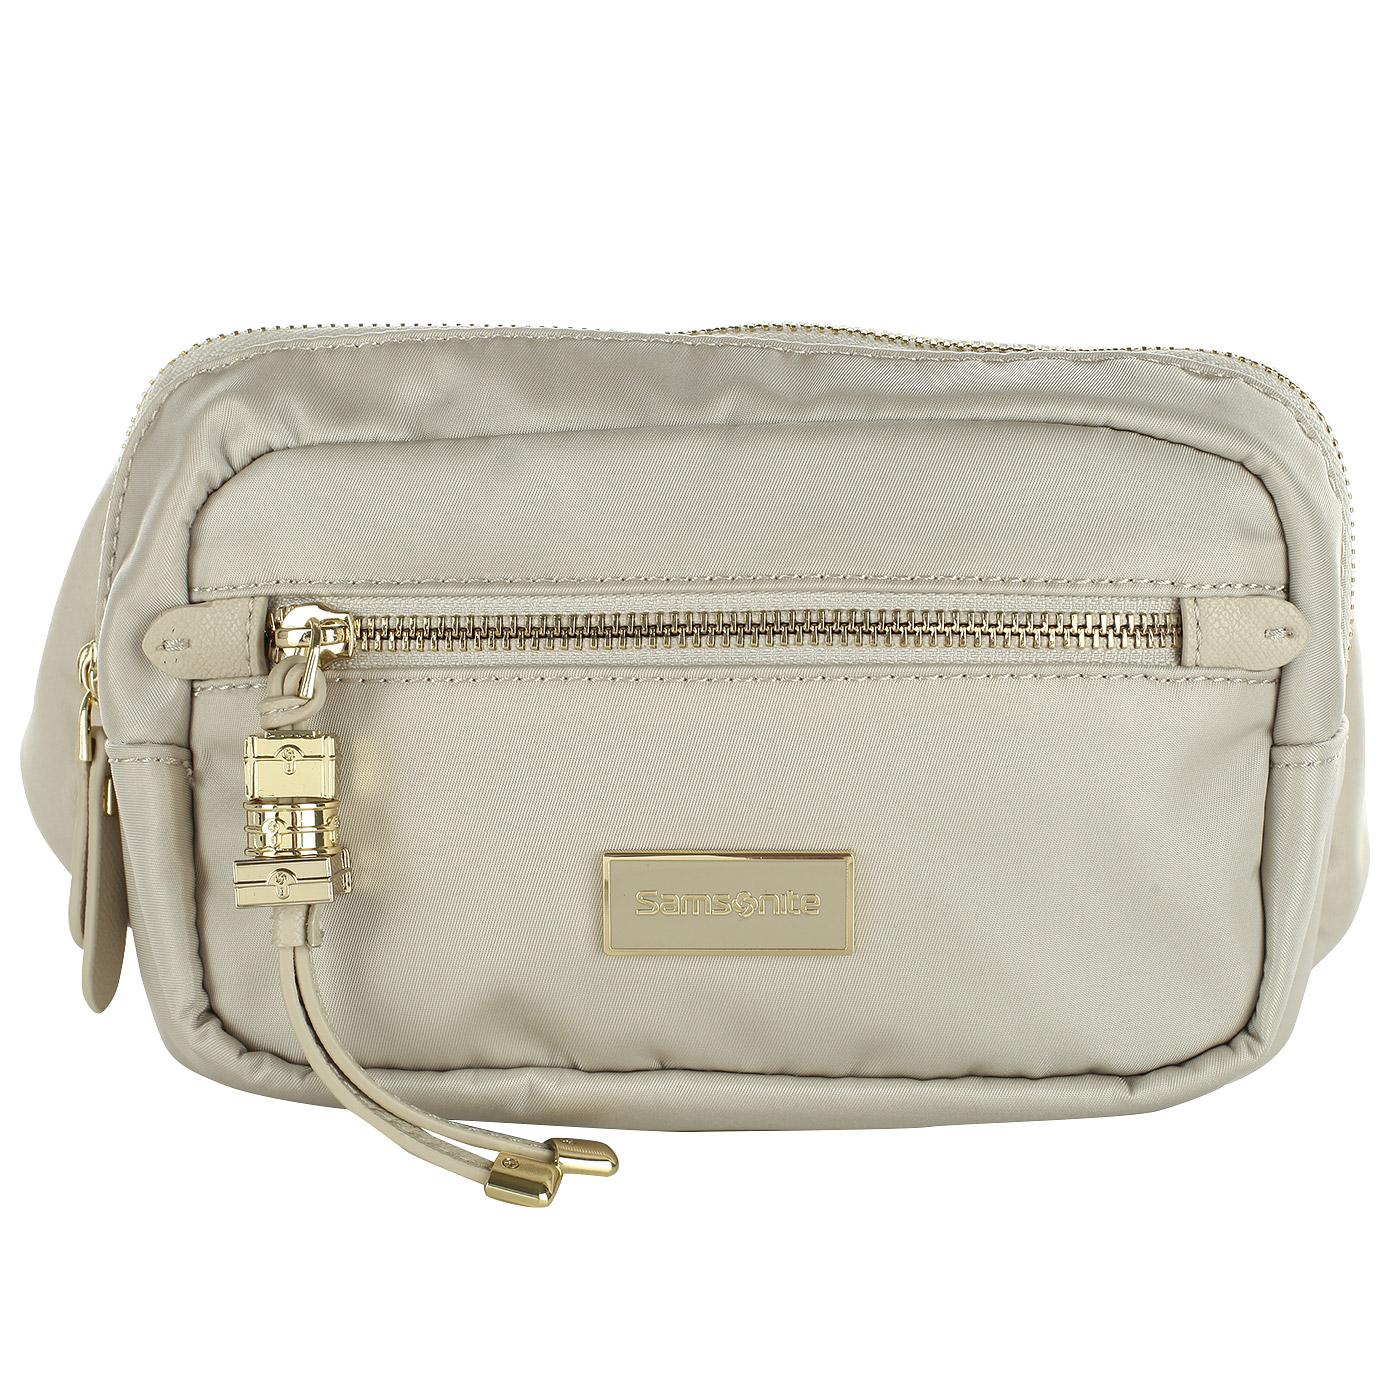 589656e7f333 Женская поясная сумка Samsonite Karissa Женская поясная сумка Samsonite  Karissa ...